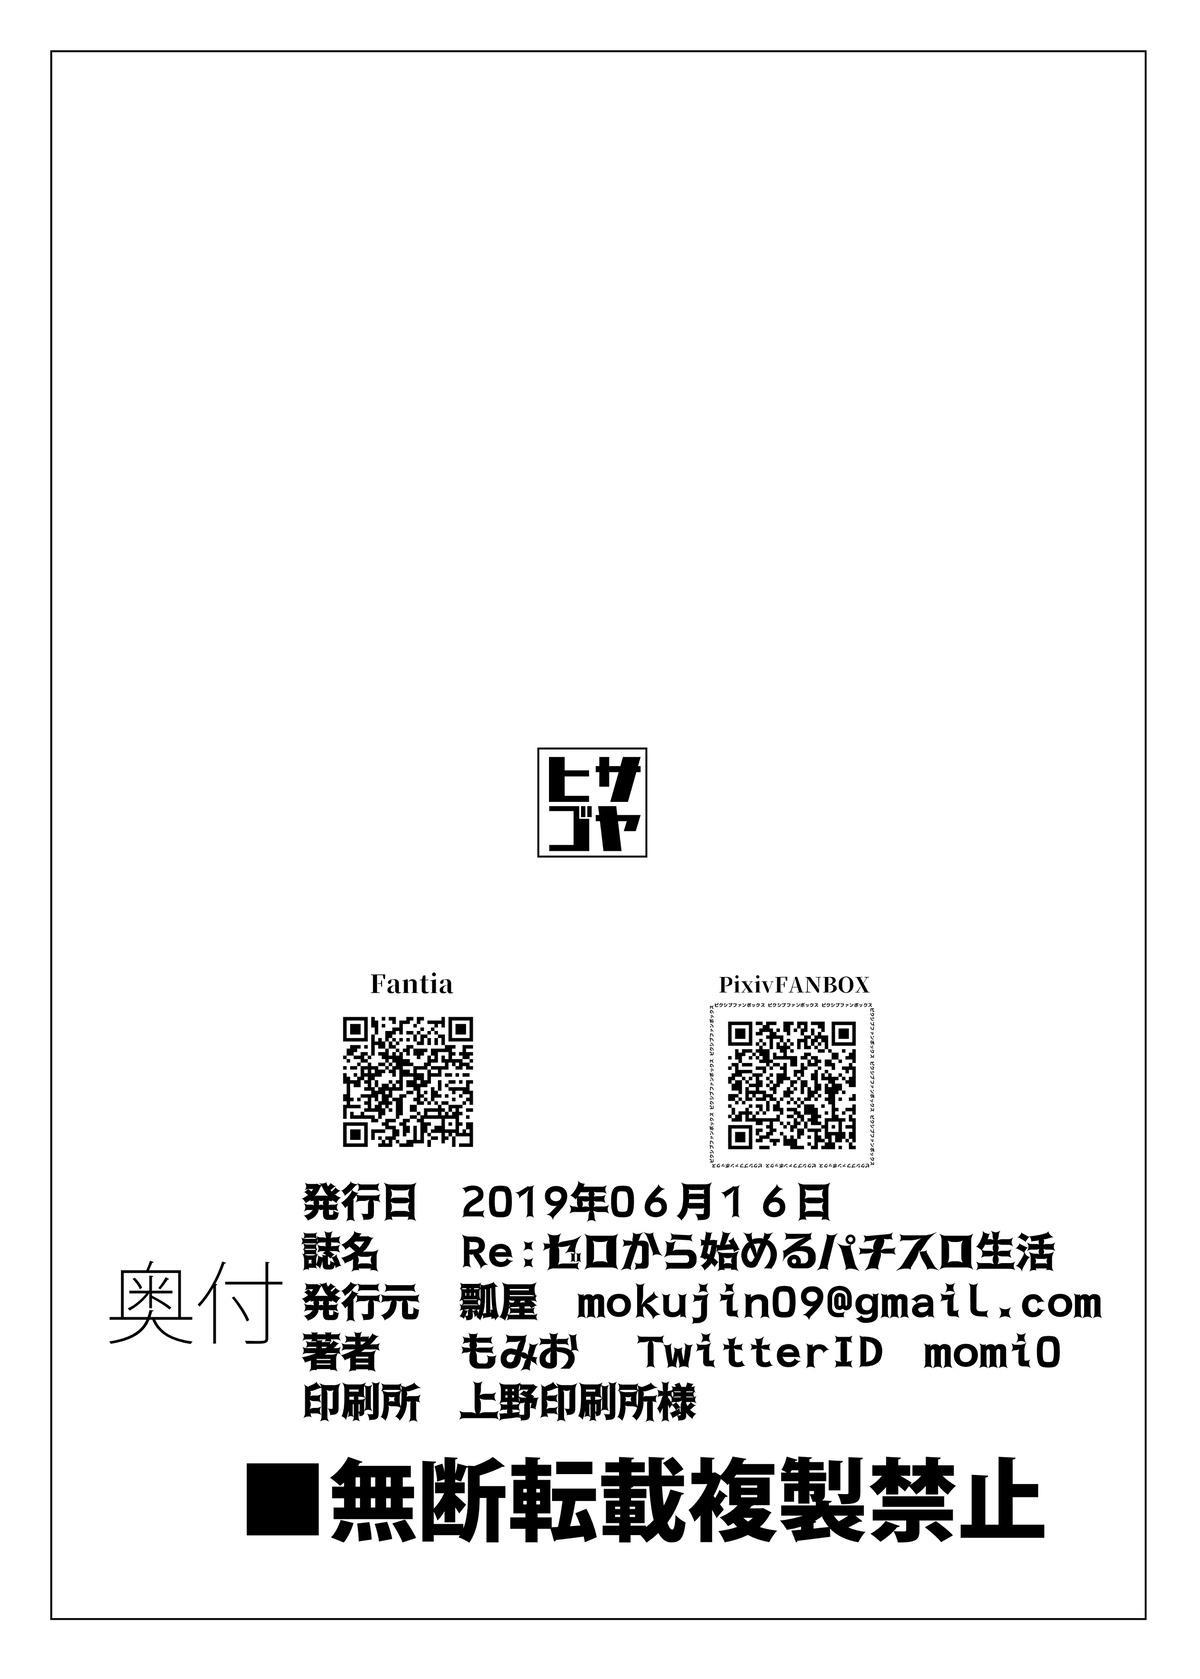 Re: Zero kara Hajimeru PachiSlot Seikatsu 21